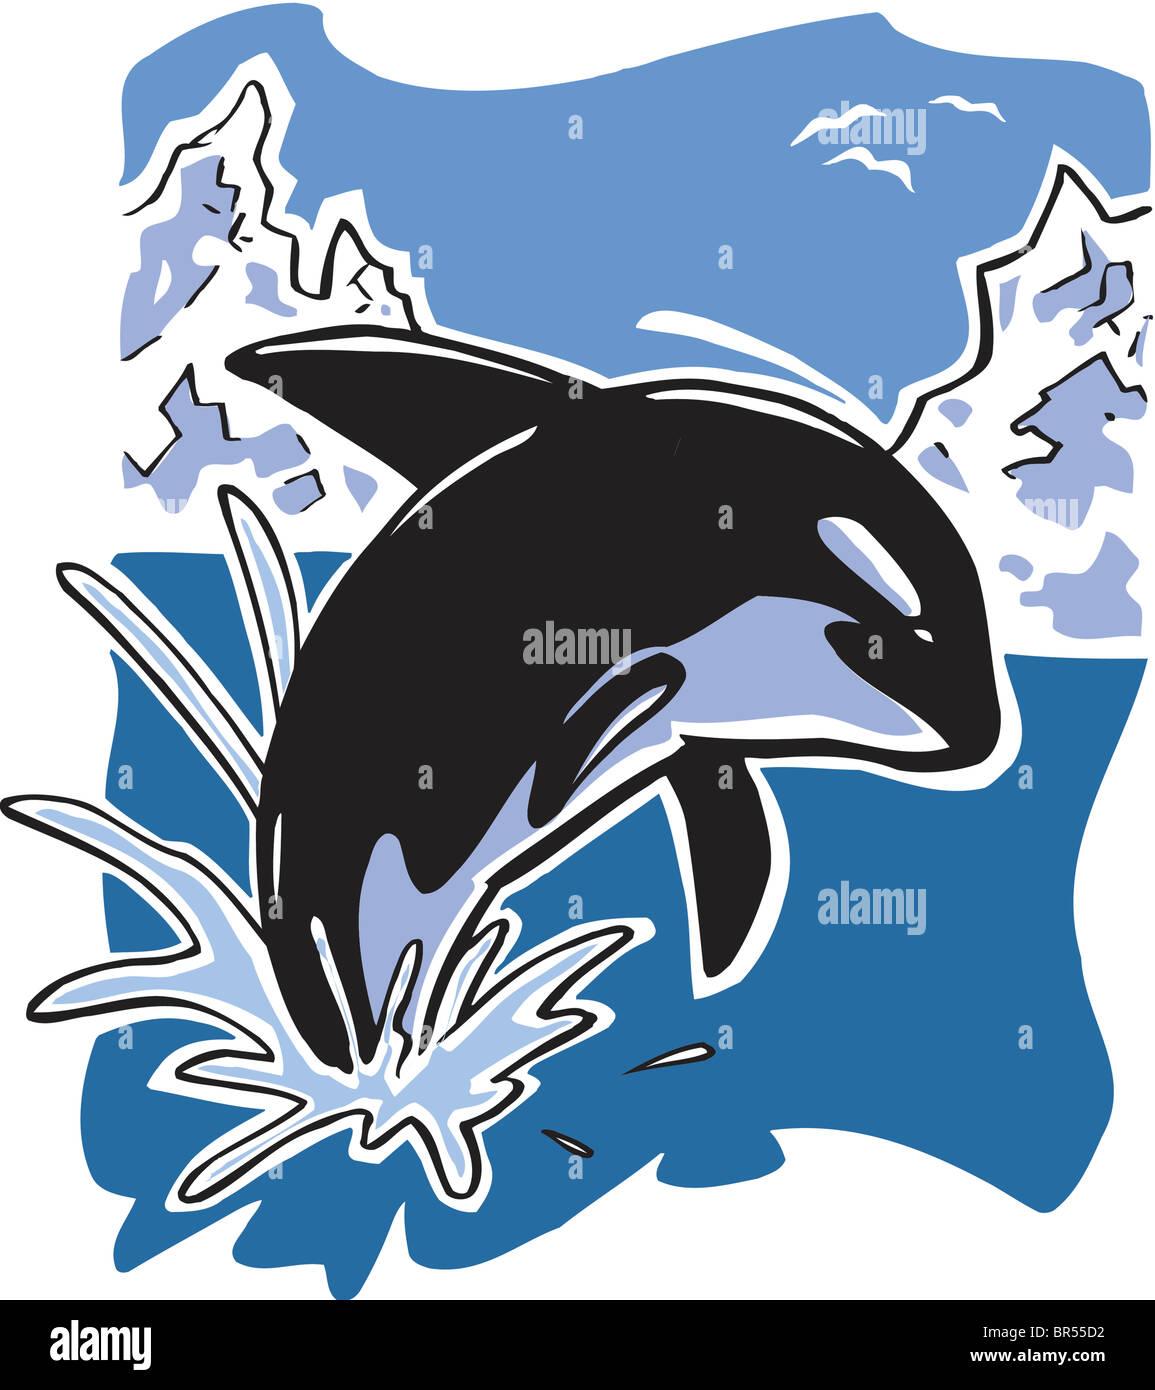 Un Disegno Animato Di Una Balena Foto Immagine Stock 31461502 Alamy